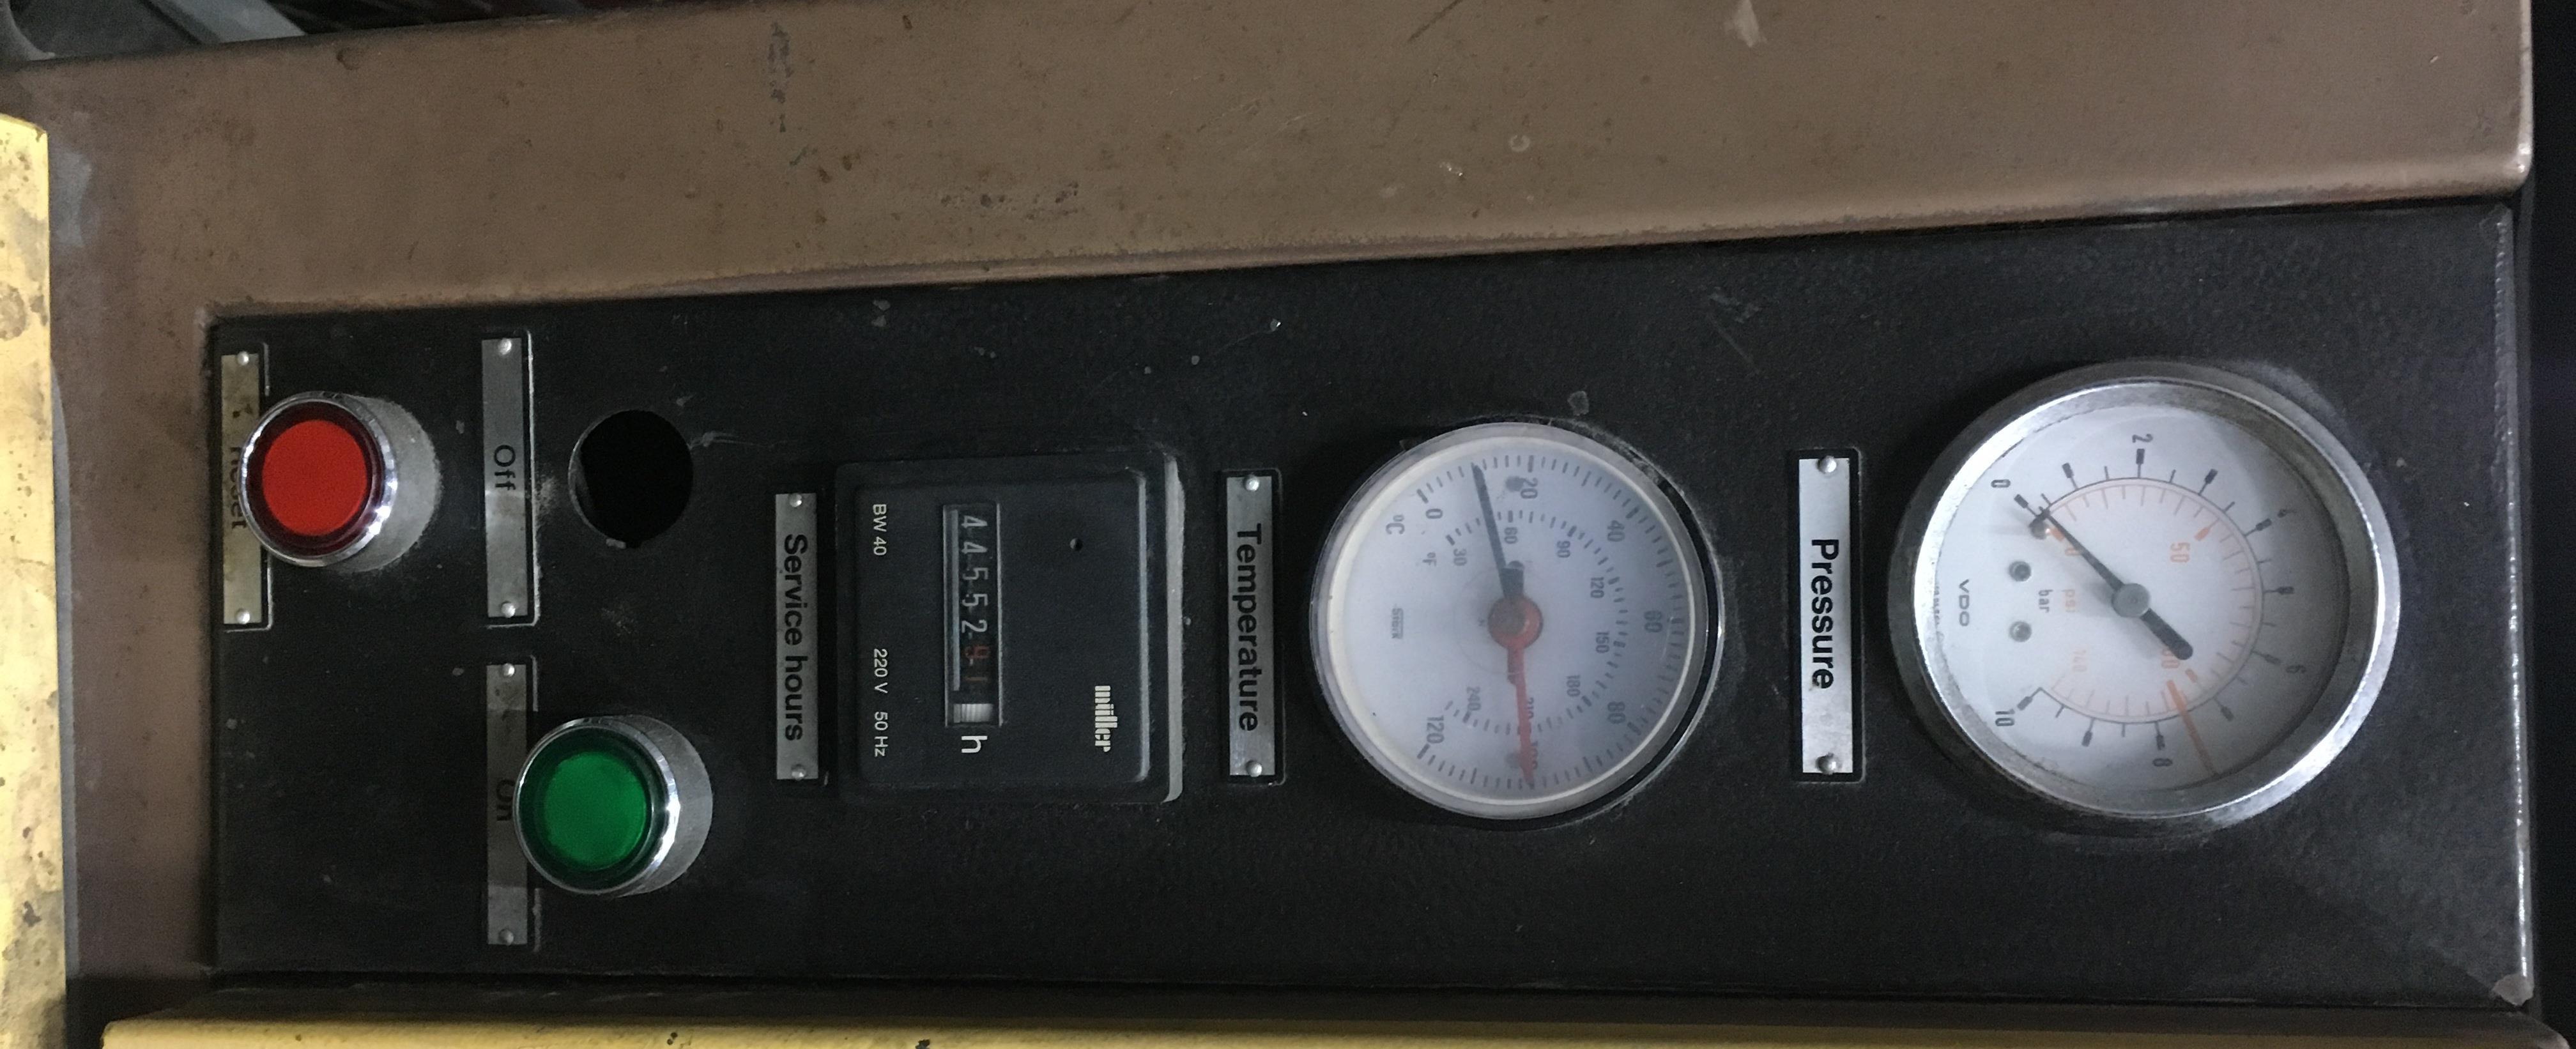 hpc plusair sk18 manual on